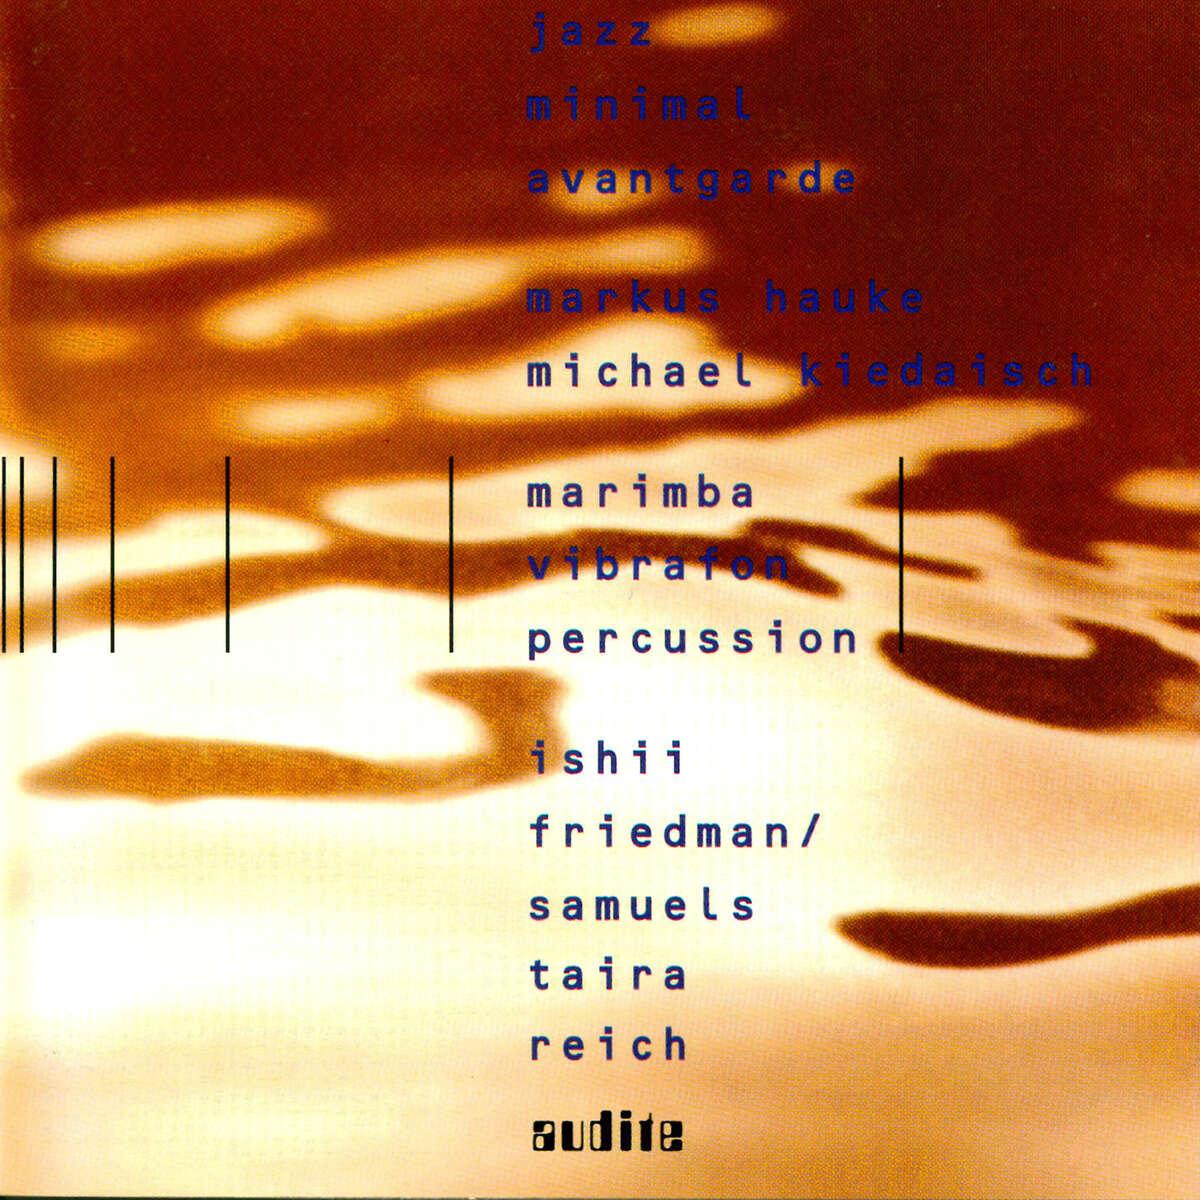 Jazz - Minimal - Avantgarde